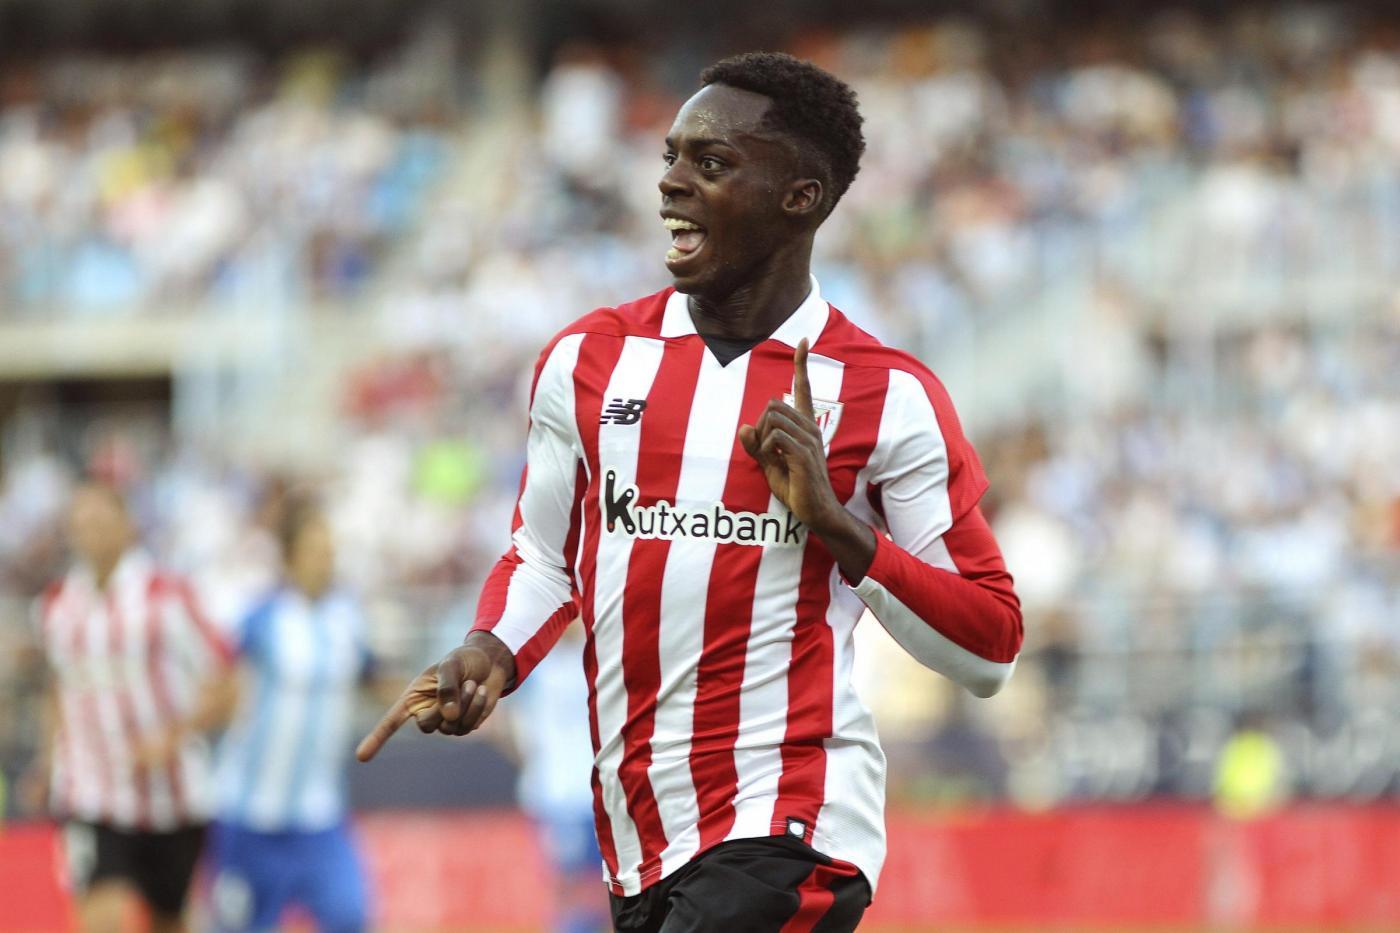 LaLiga, Deportivo Alaves-Athletic Bilbao lunedì 17 dicembre: analisi e pronostico del posticipo della 16ma giornata del campionato spagnolo